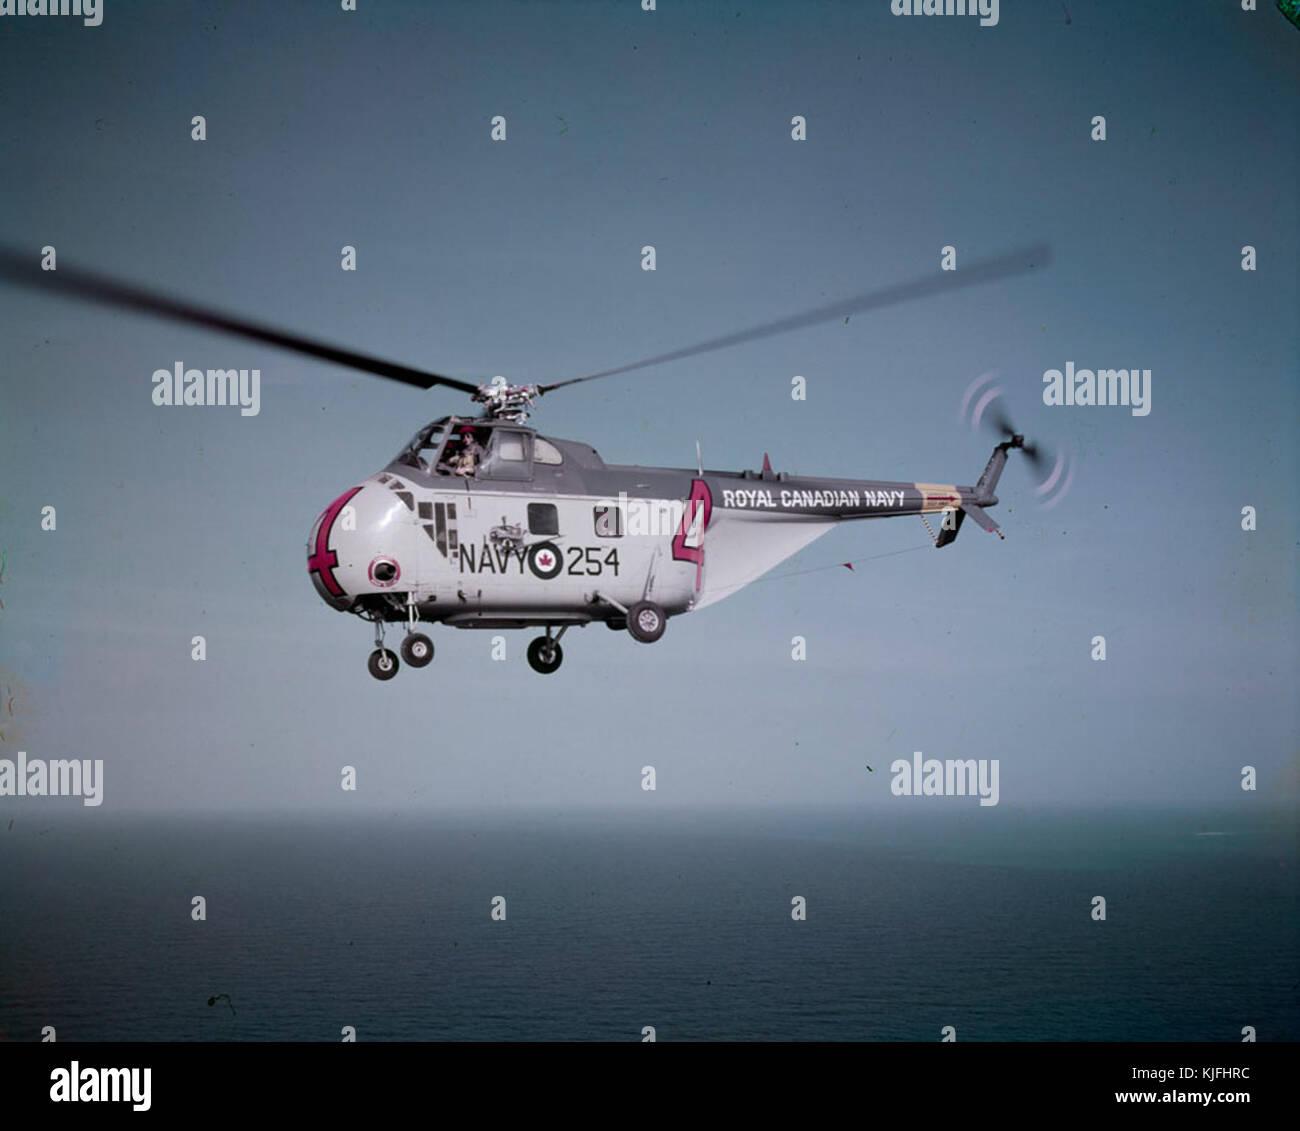 Sikorsky HO4S RCN MIKAN 4821228 - Stock Image